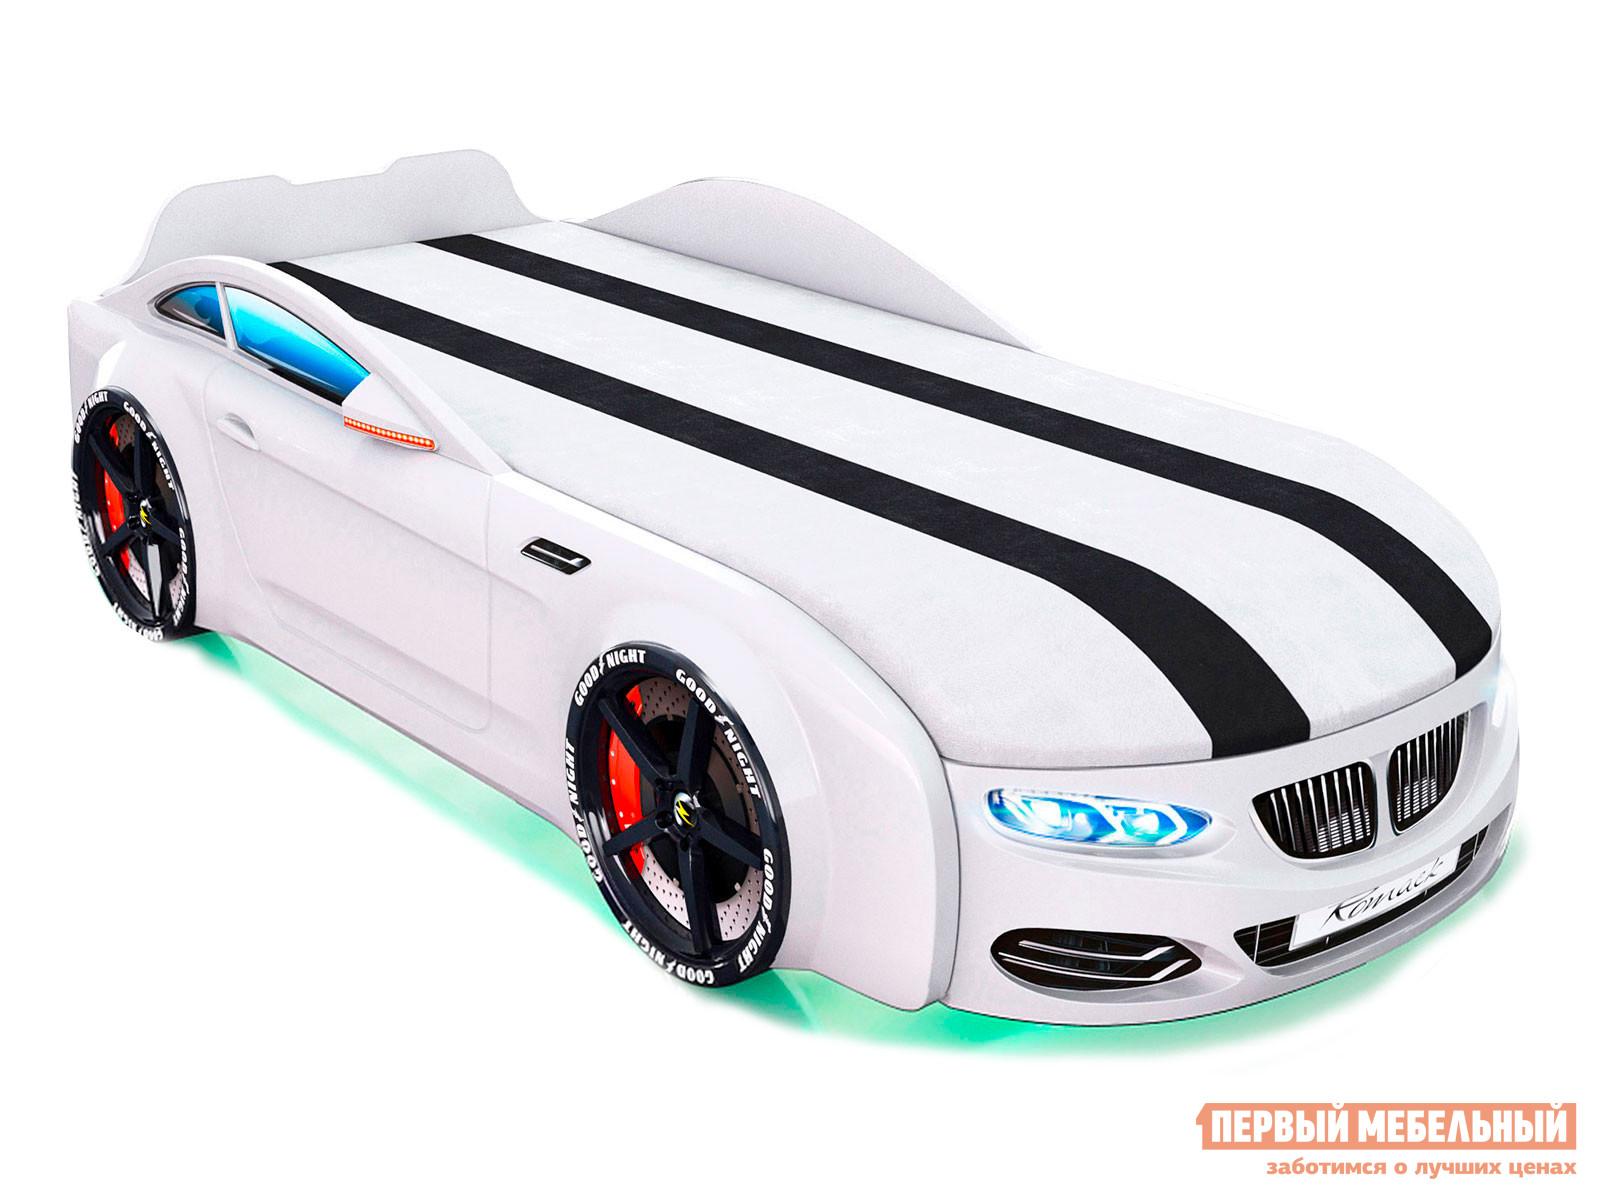 Кровать-машина  Кровать-машина Romack Real-M X5 Белый, Спортивный, Без подъемного механизма, С подсветкой фар и дна